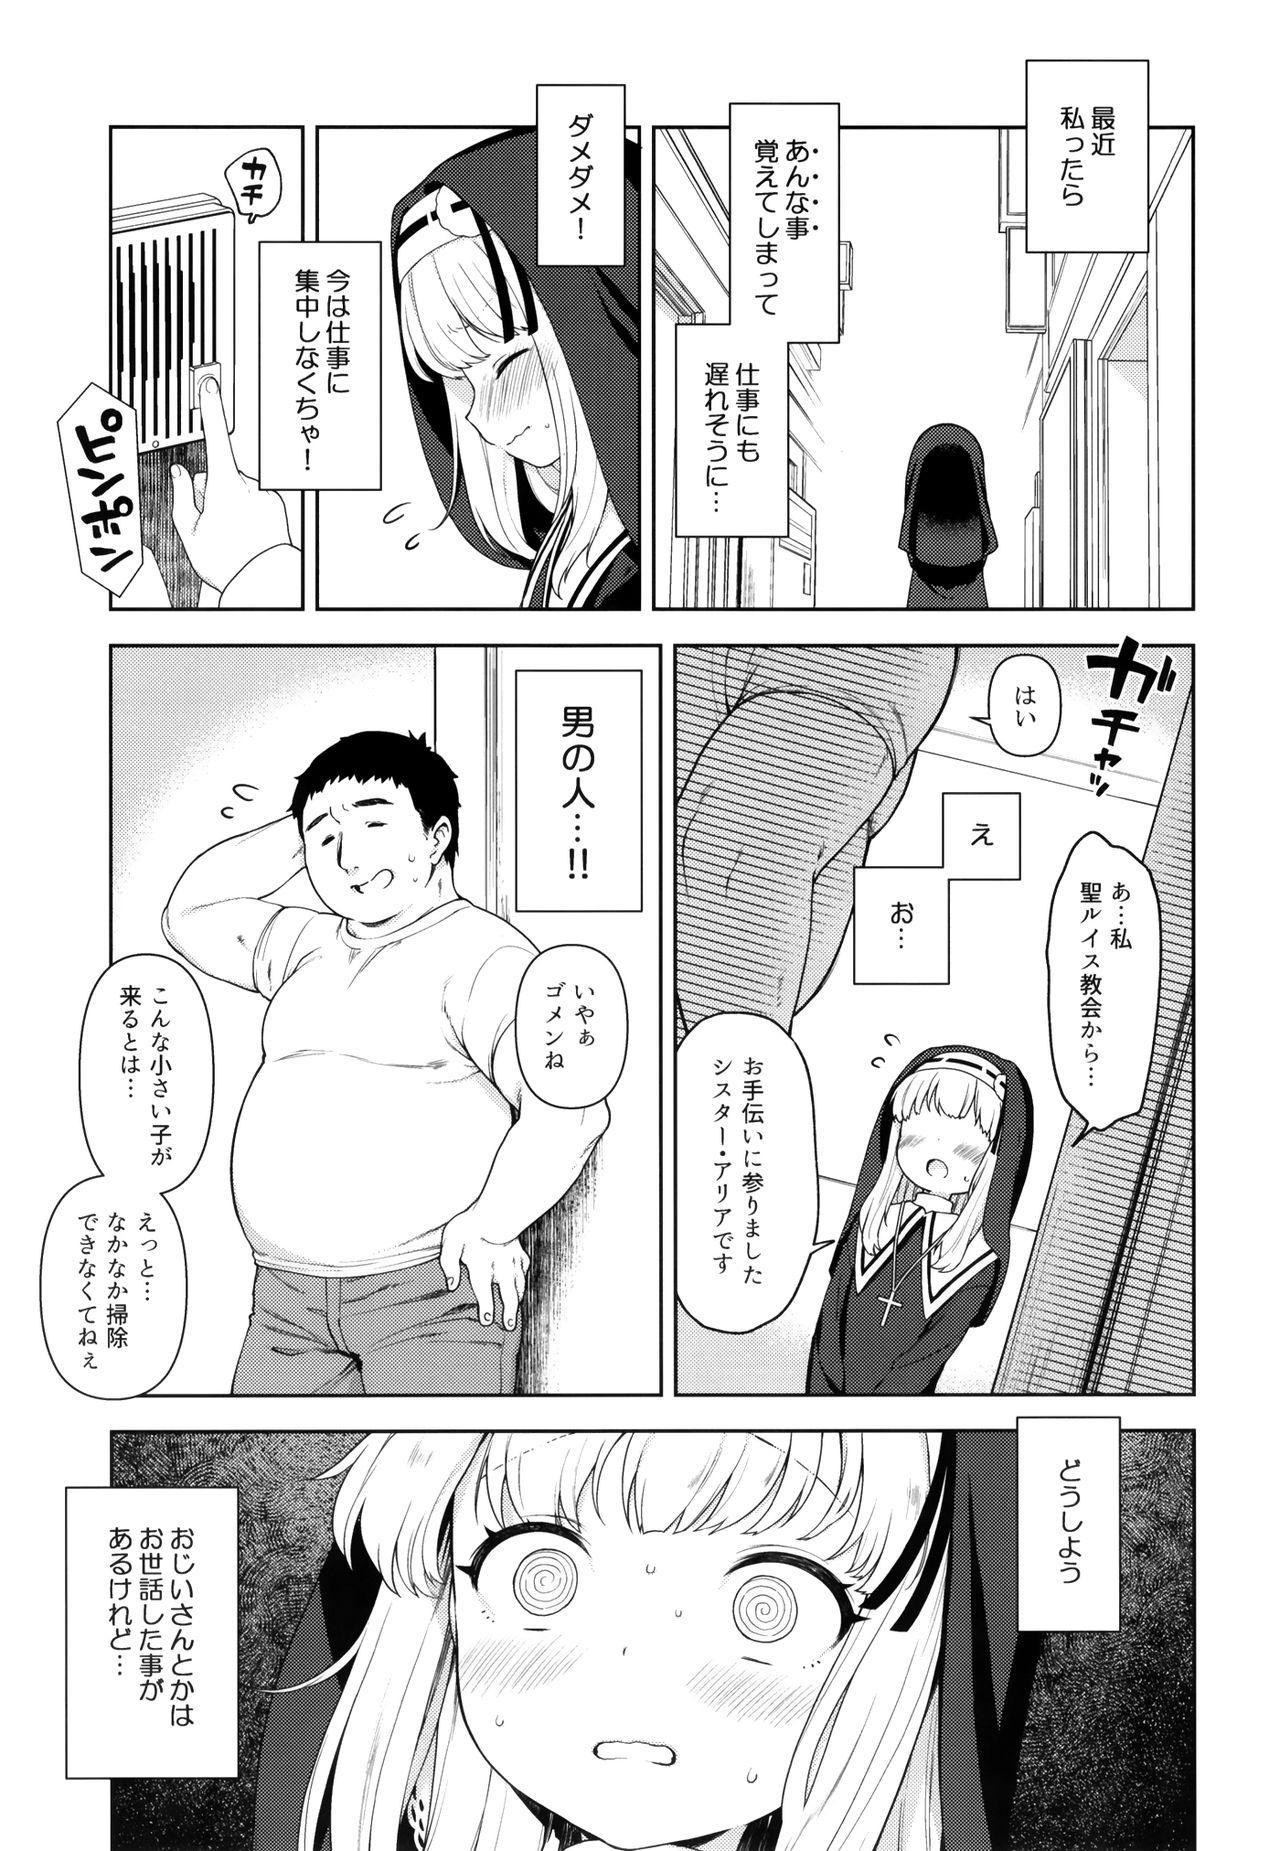 Keiken na Sister Minarai ga Otoko no Tokunou Seieki o Shiboritsukusu Hon 3